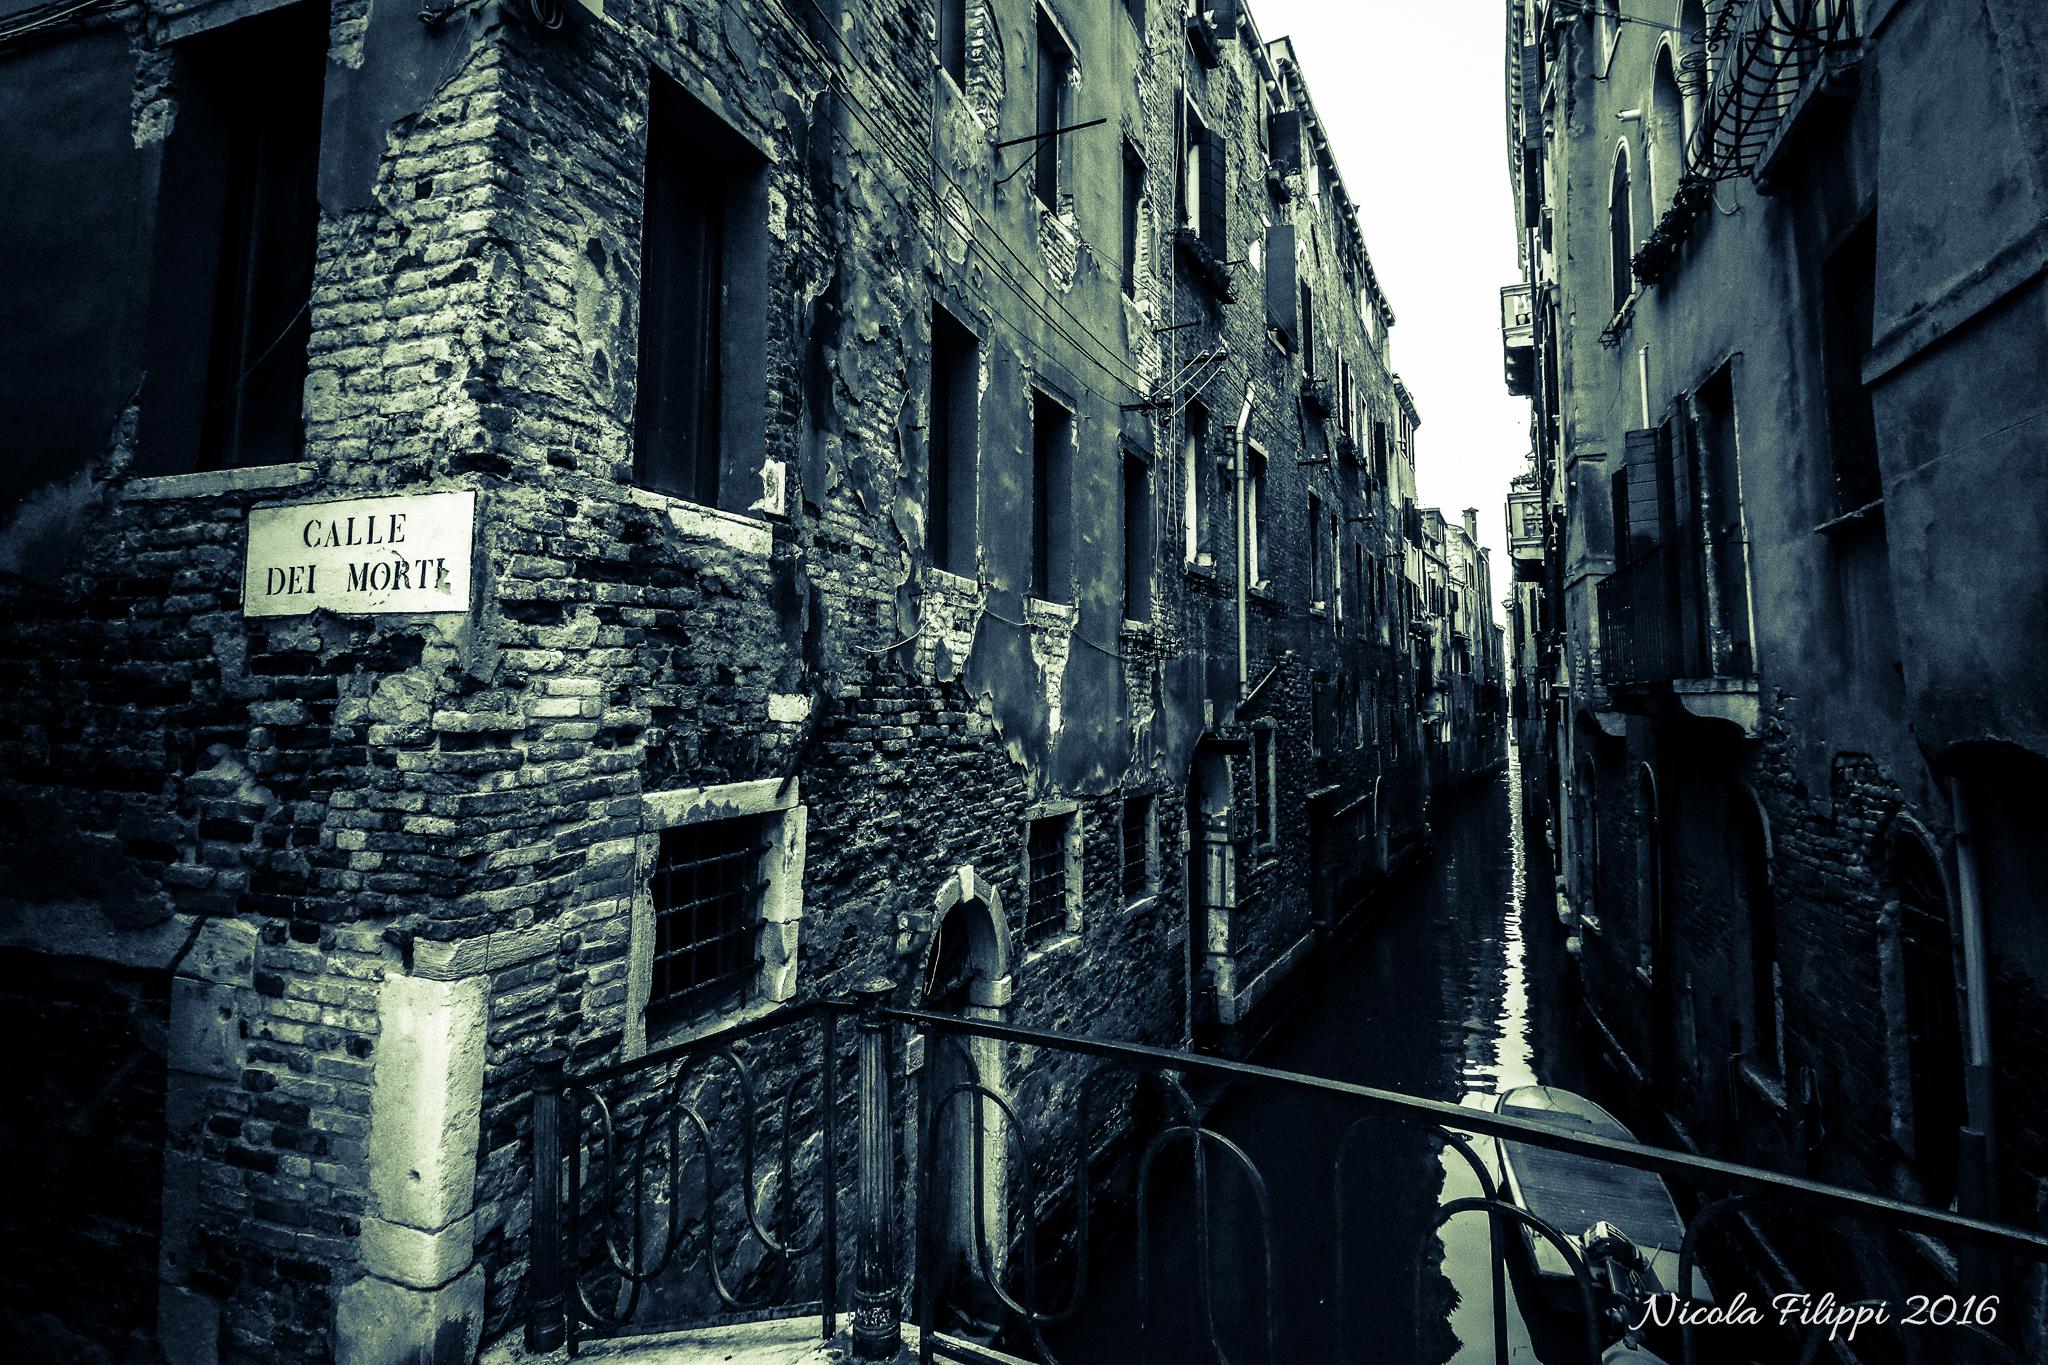 Venezia - Calle dei Morti...